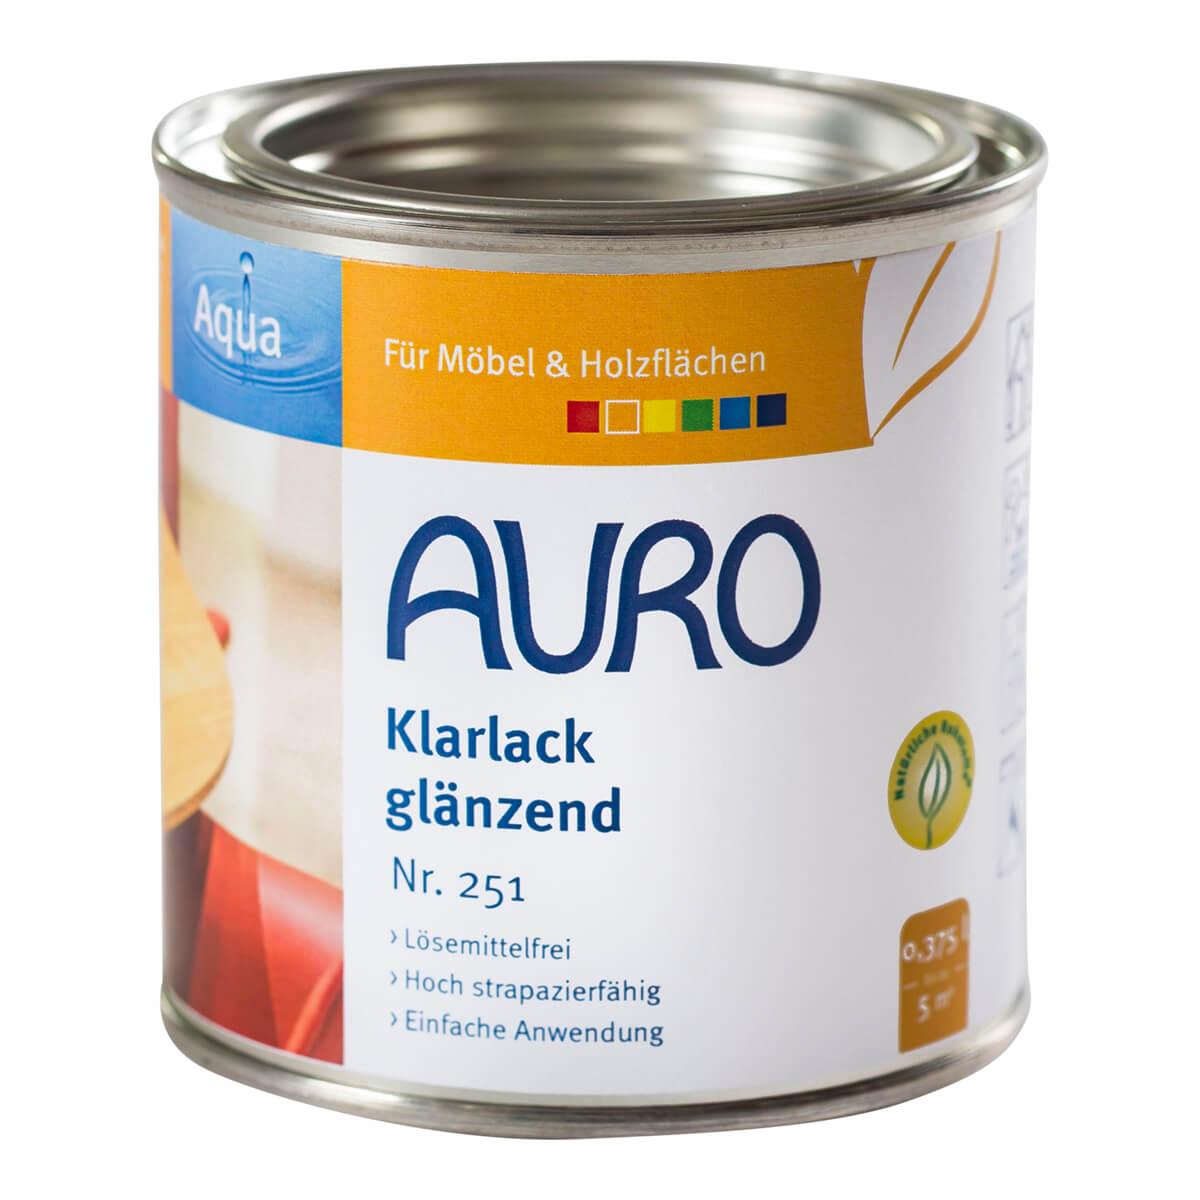 AURO Klarlack glänzend Nr. 251 0,375L